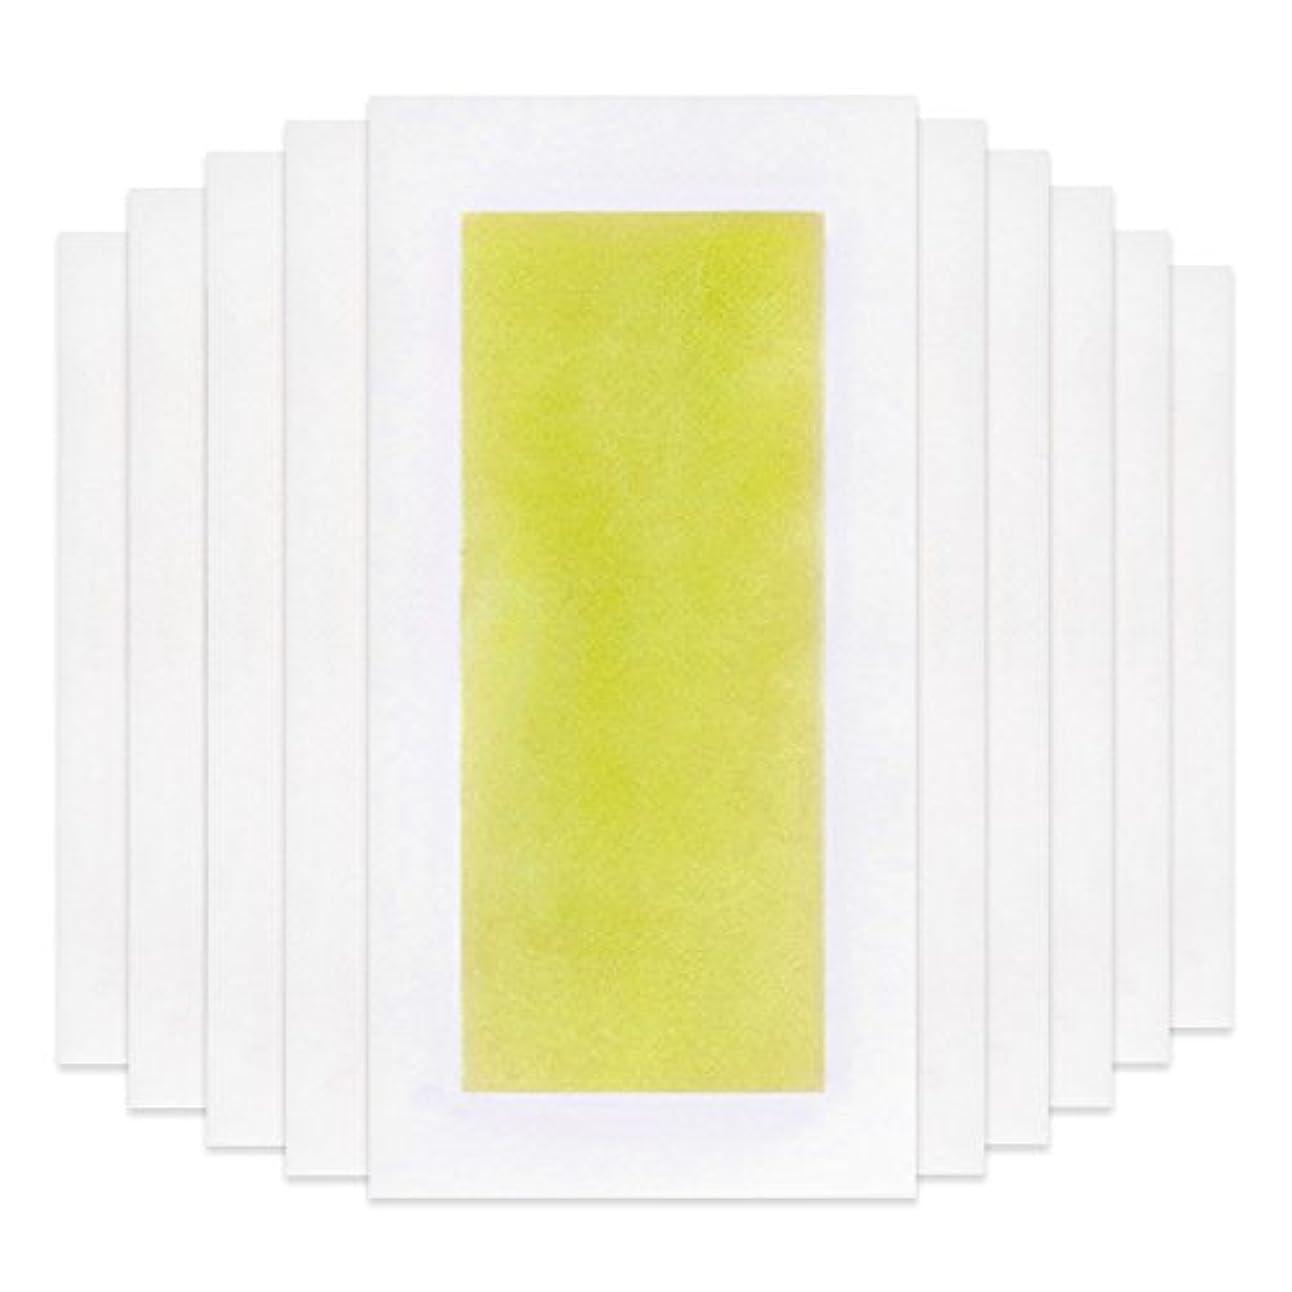 散らす祭司日焼けRabugoo 脚の身体の顔のための10個のプロフェッショナルな夏の脱毛ダブルサイドコールドワックスストリップ紙 Yellow